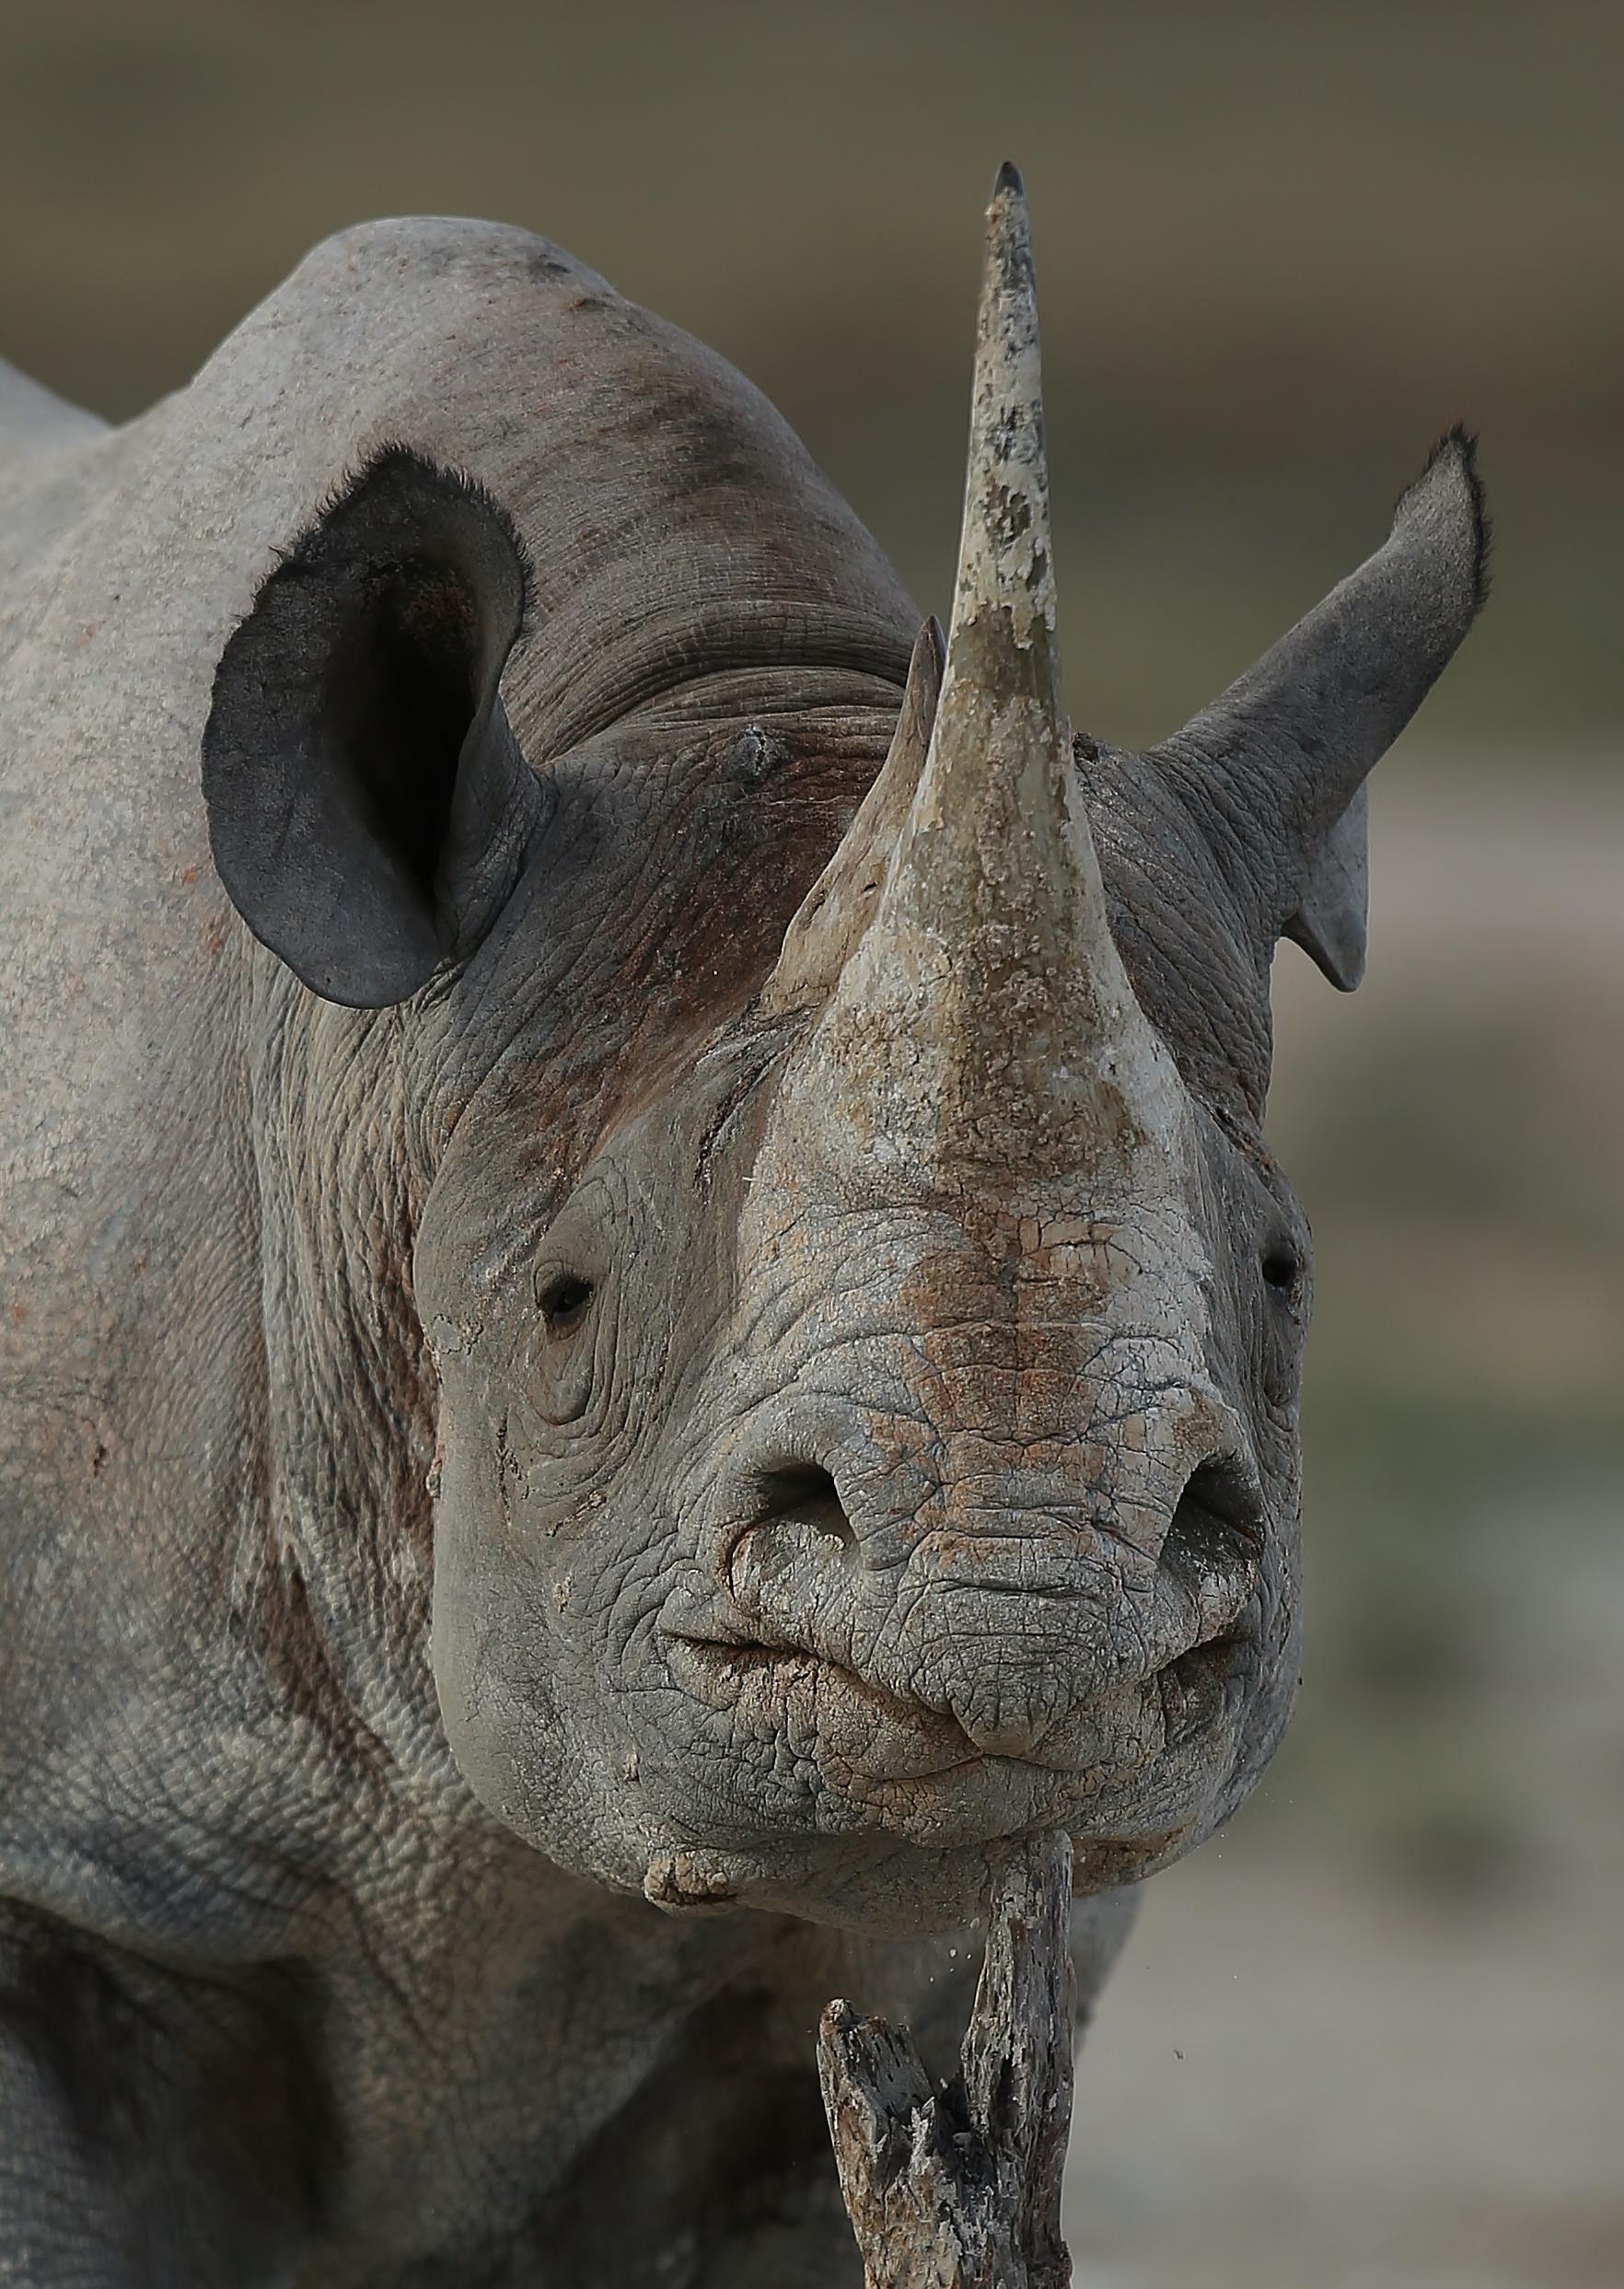 Rhino on the woods, Namibie Etosha